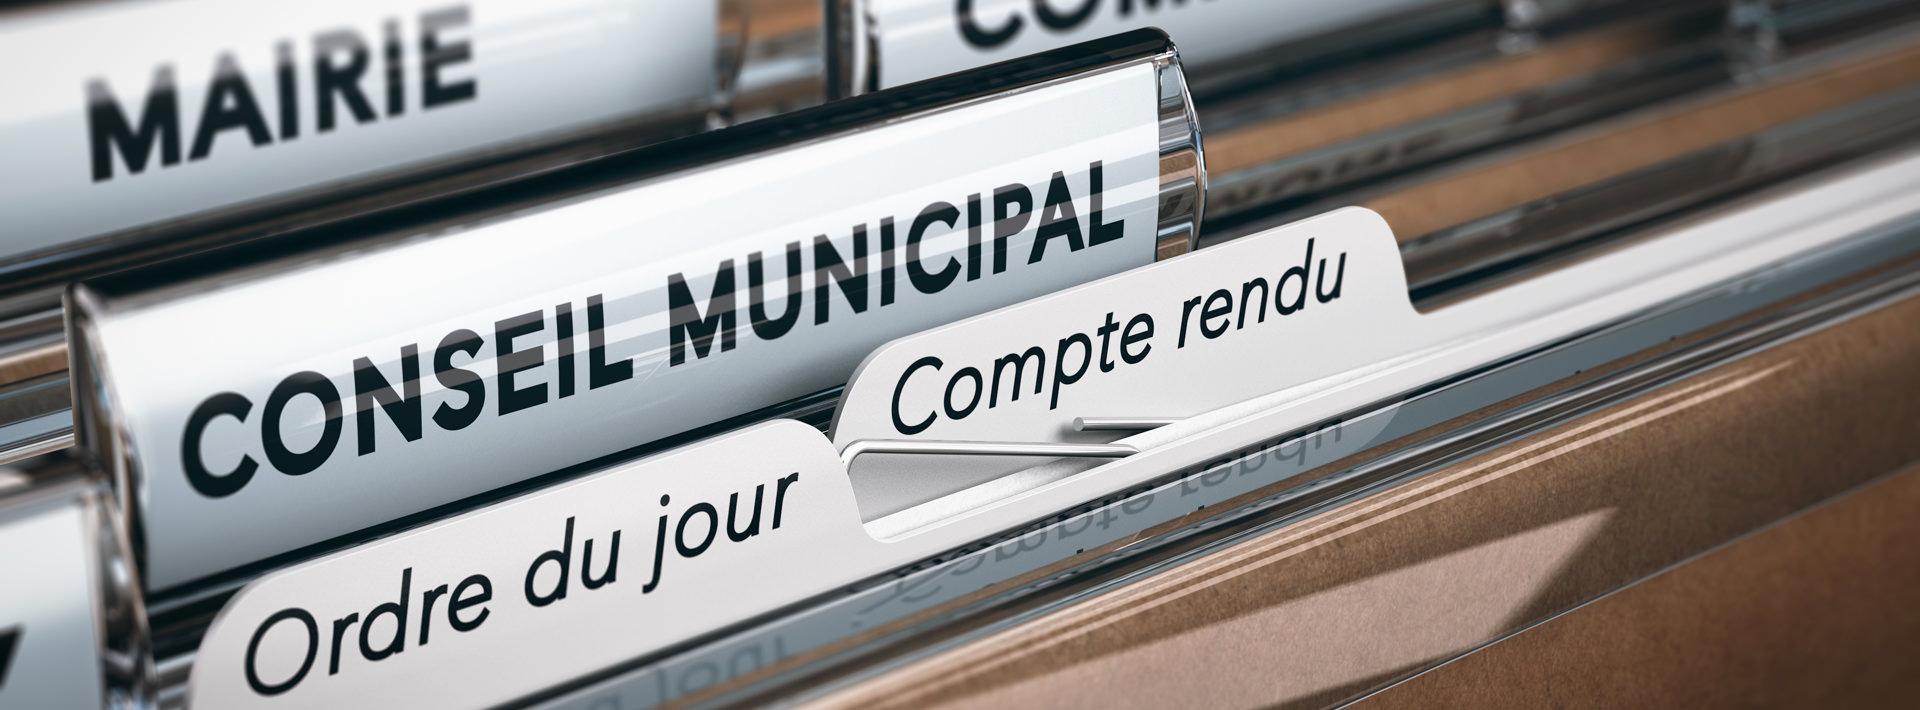 Image en-tête - Conseil municipal